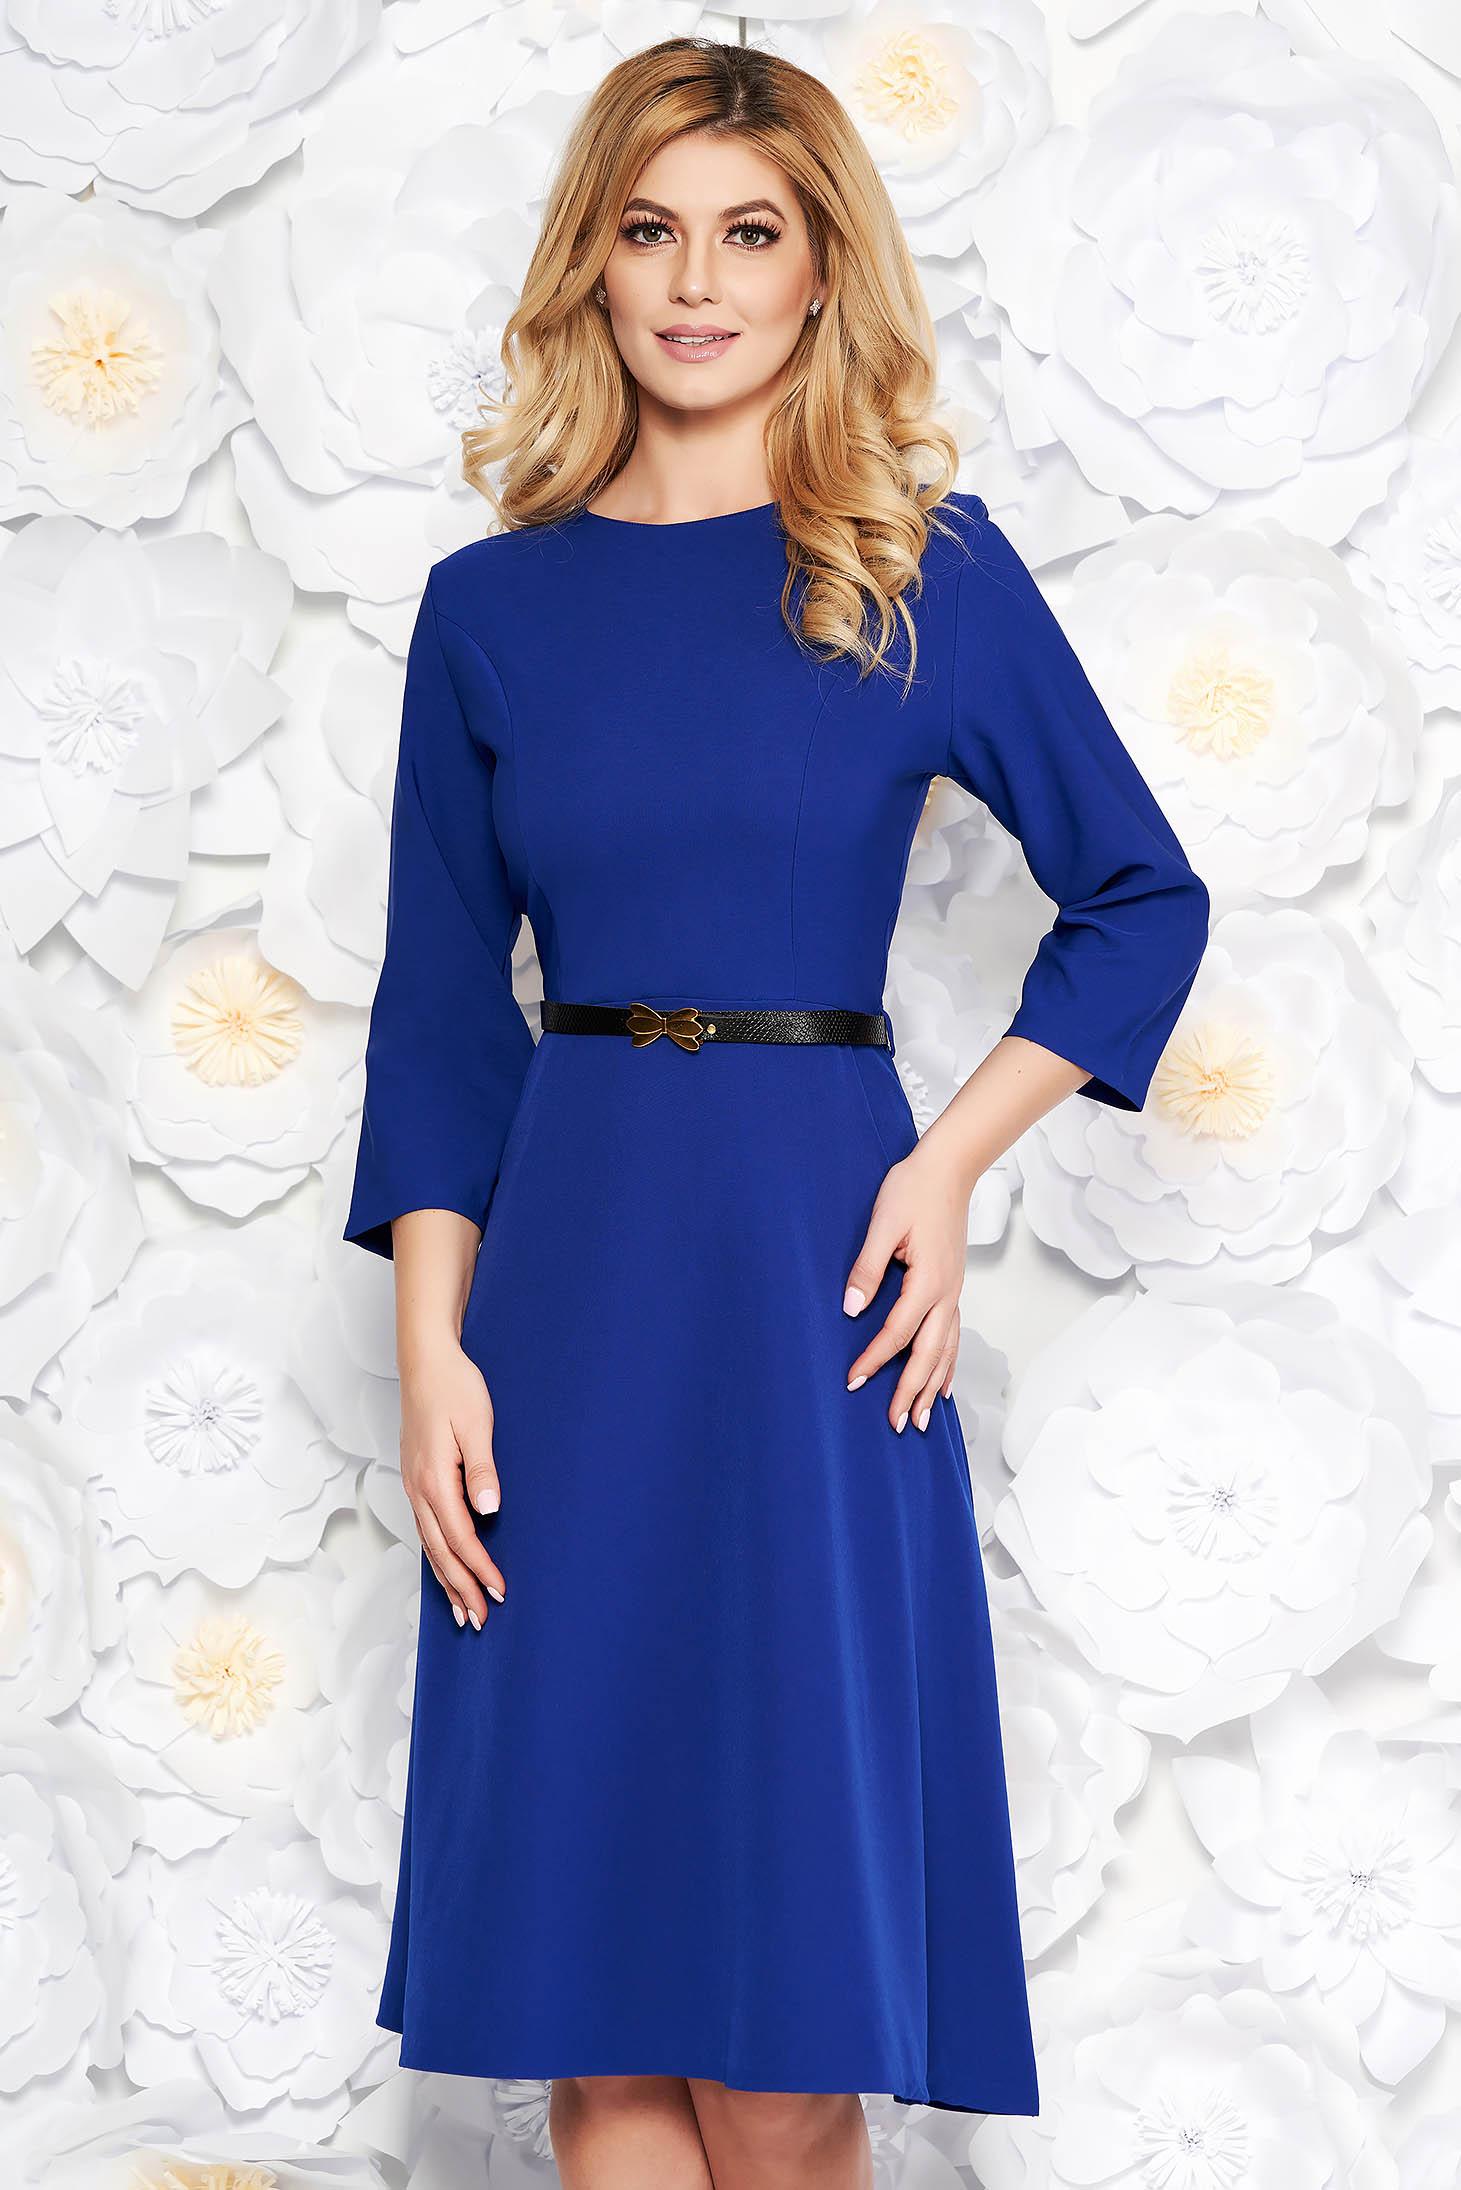 Rochie albastra office in clos din bumbac usor elastic cu buzunare cu accesoriu tip curea